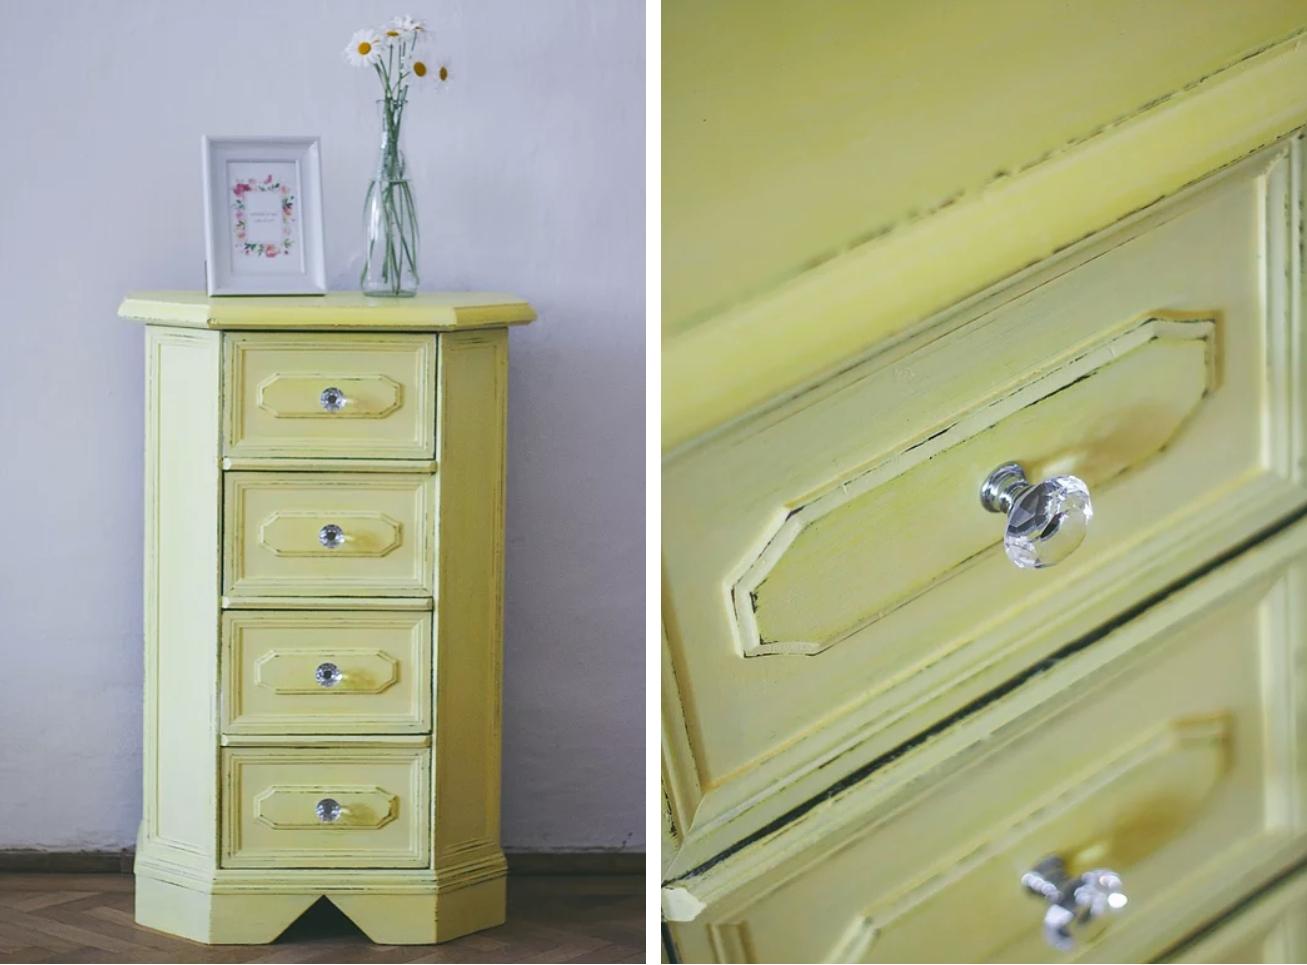 Jak udělat renovací ze staré skříňky či komody zajímavý designový kousek?